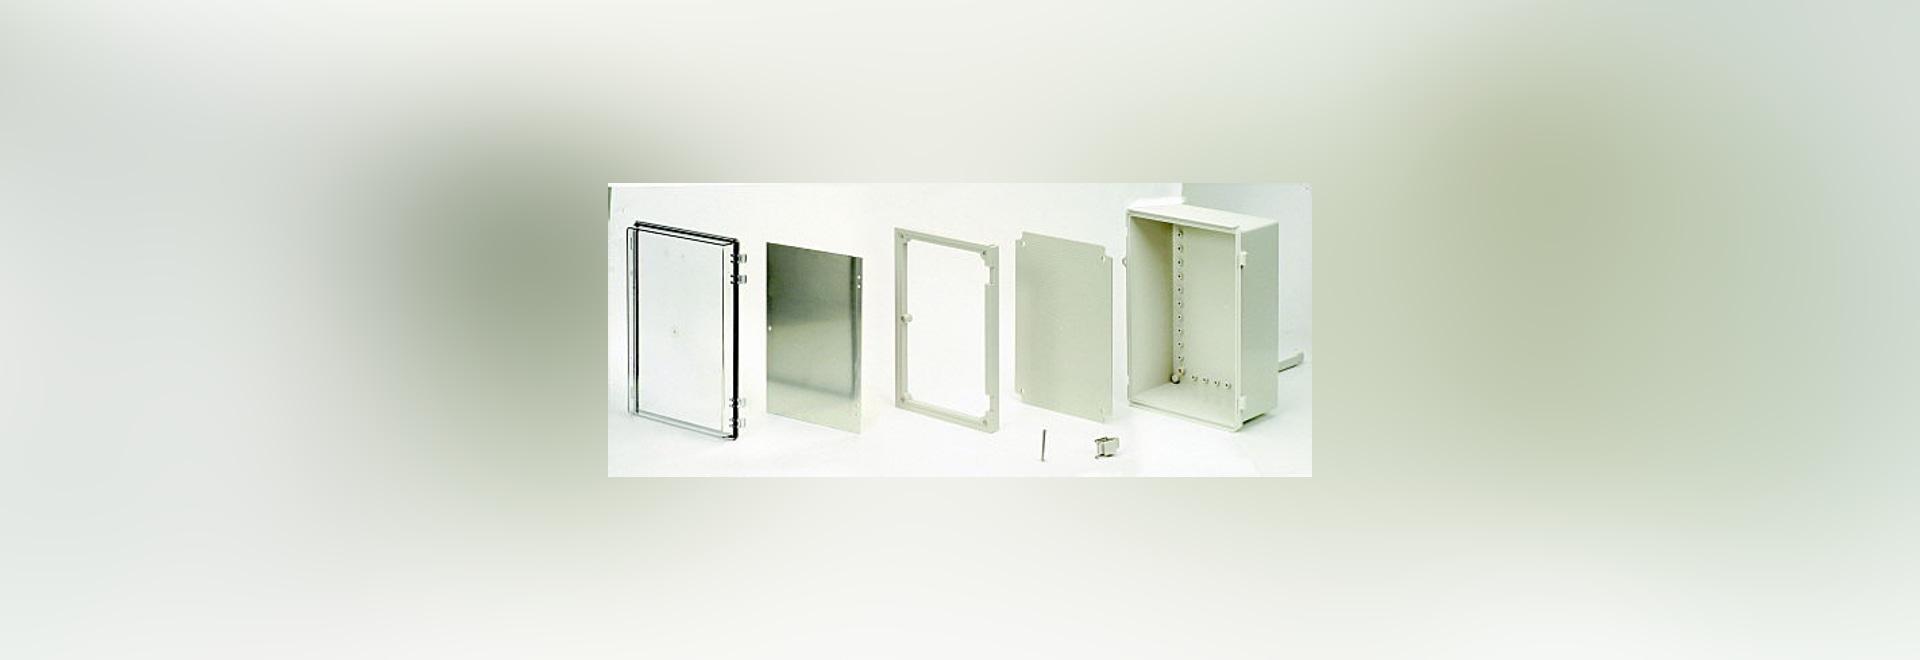 BOXCO Dual Door Plastic enclosure